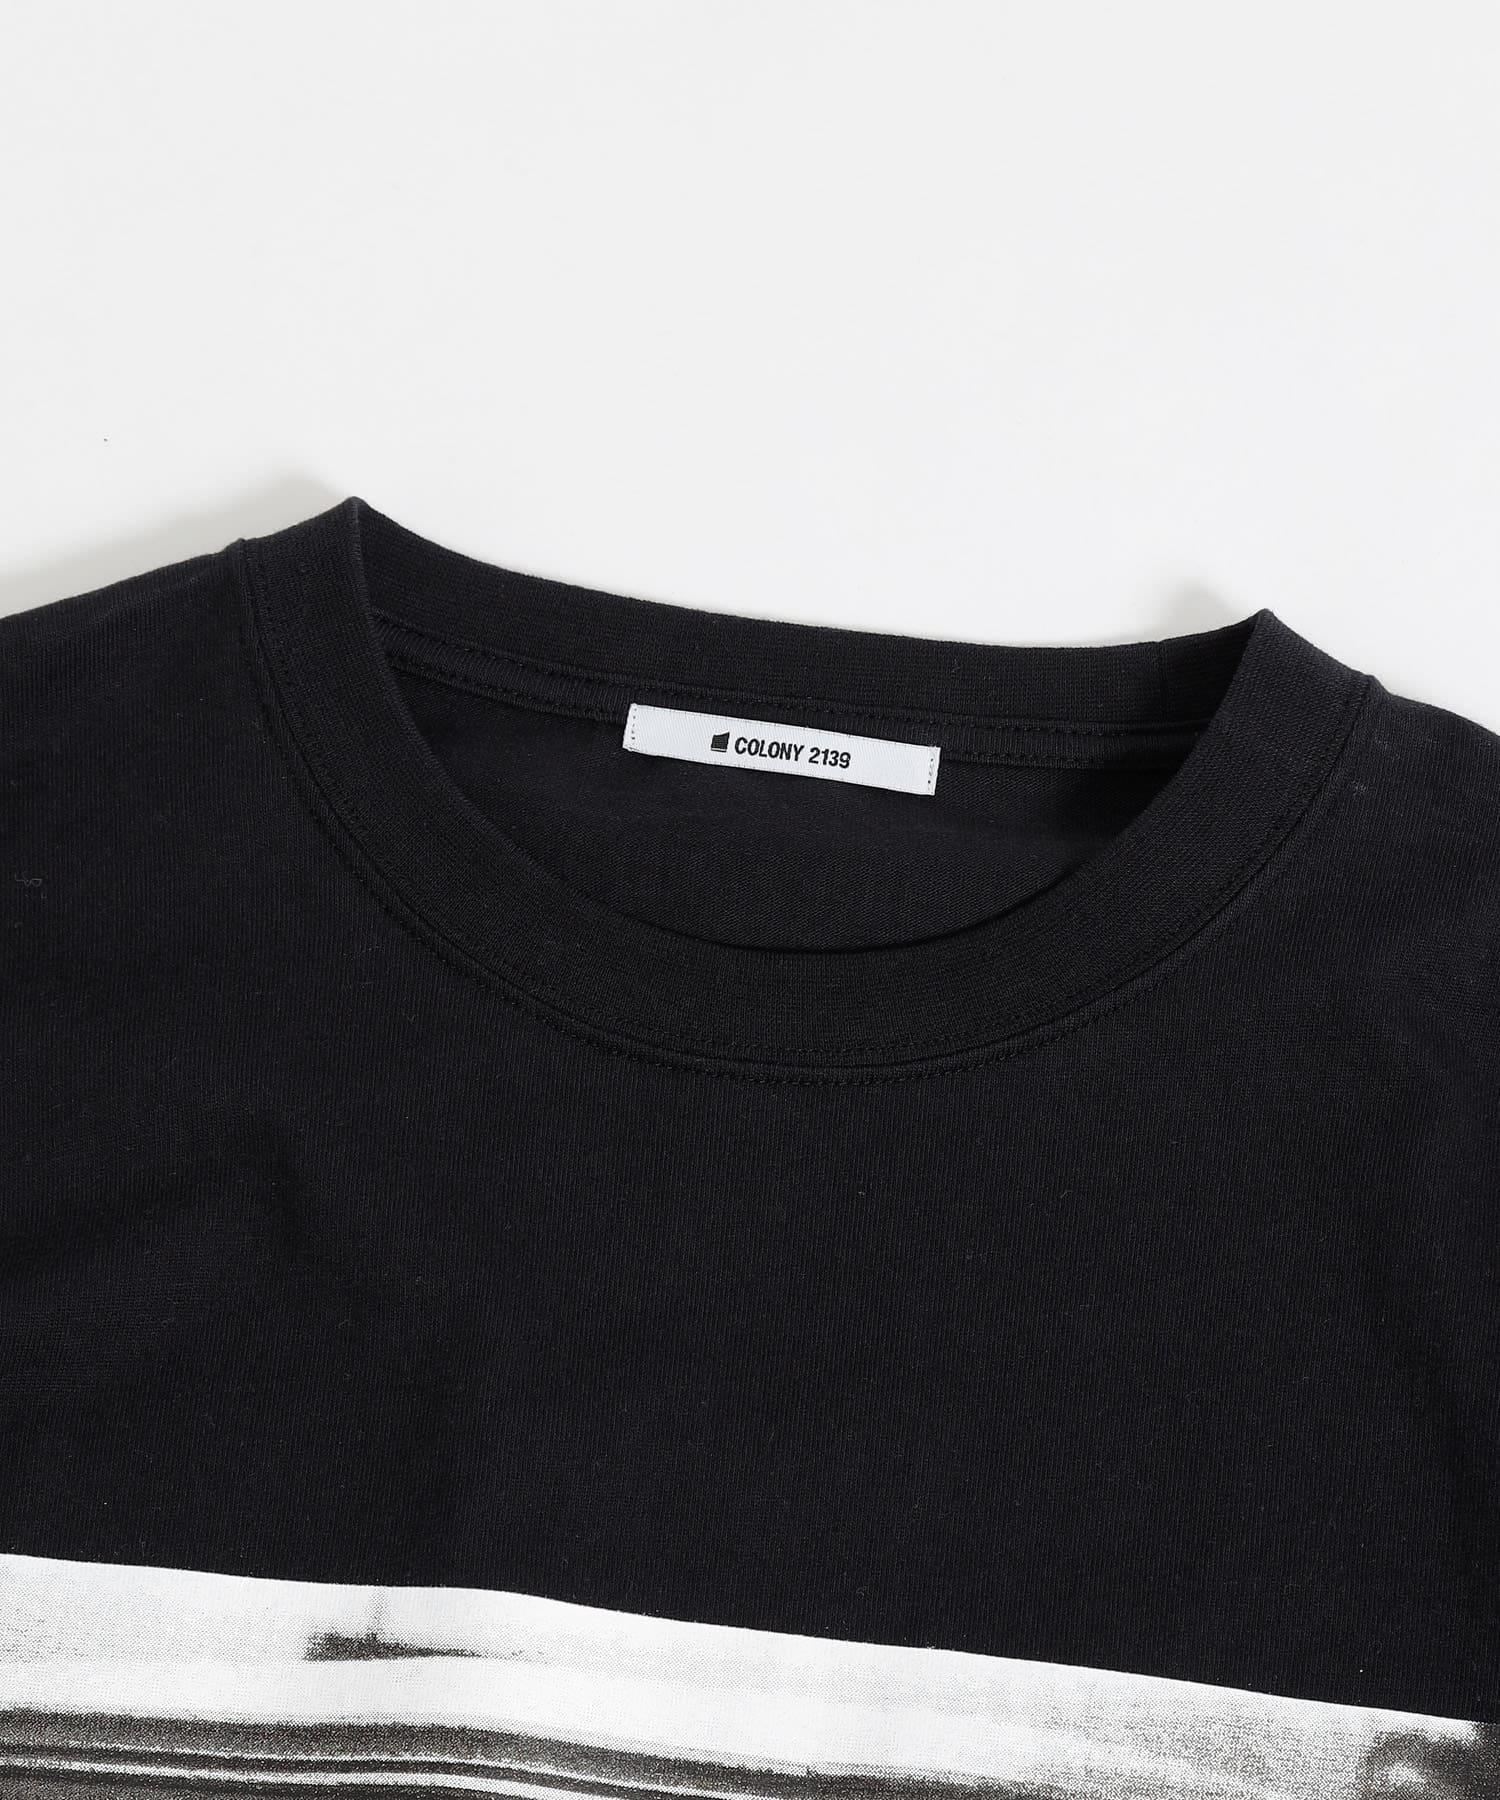 COLONY 2139(コロニー トゥーワンスリーナイン) PhotoUSAコットン天竺長袖Tシャツ/フォトプリントロンT(ユニセックス可)